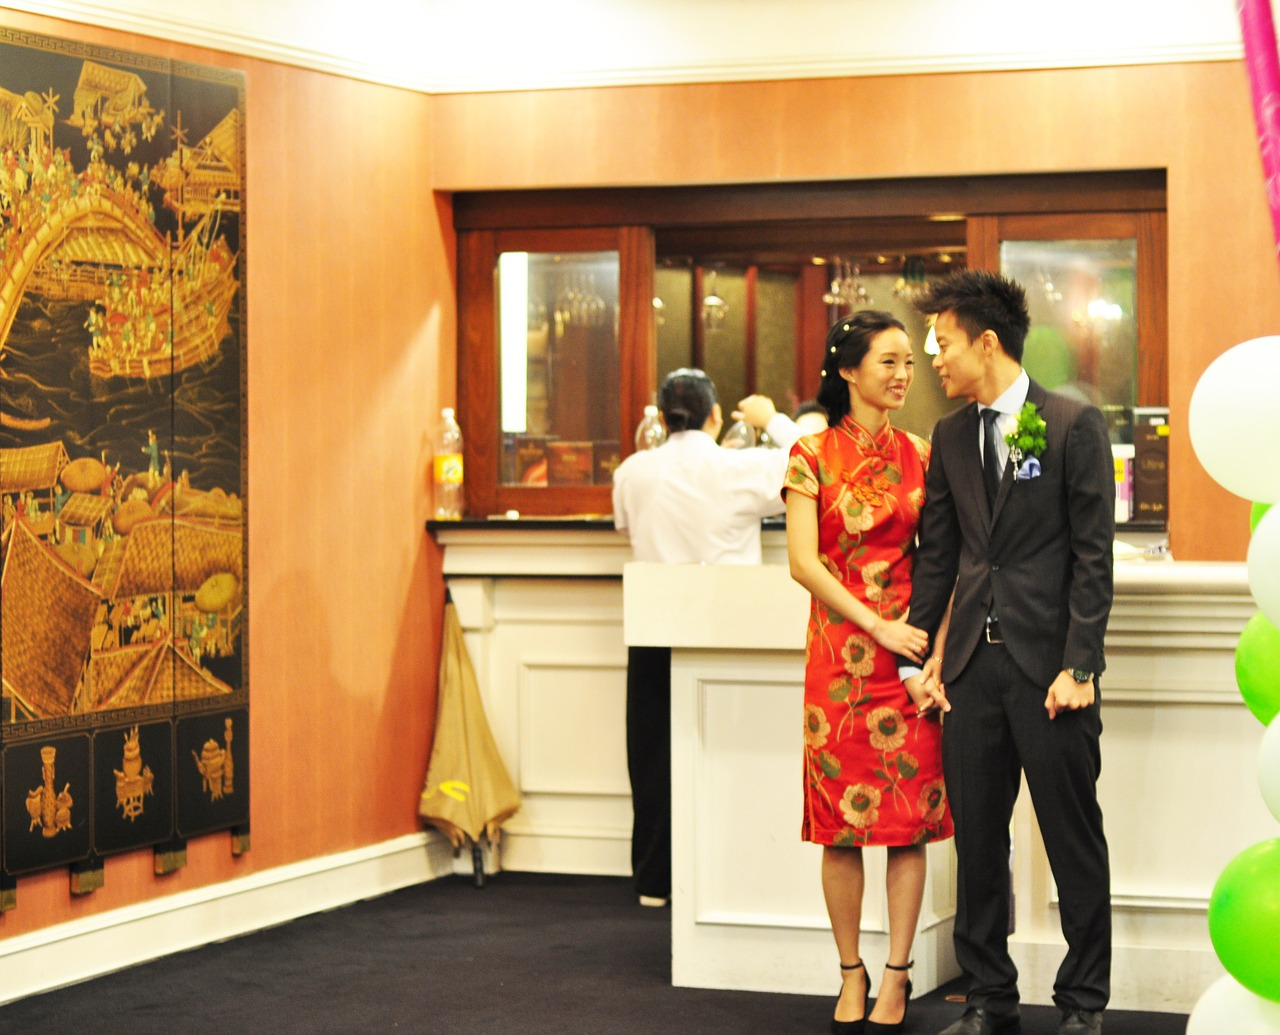 中国の結婚式に招待されました。ご祝儀マナー・風習・服装が知りたい